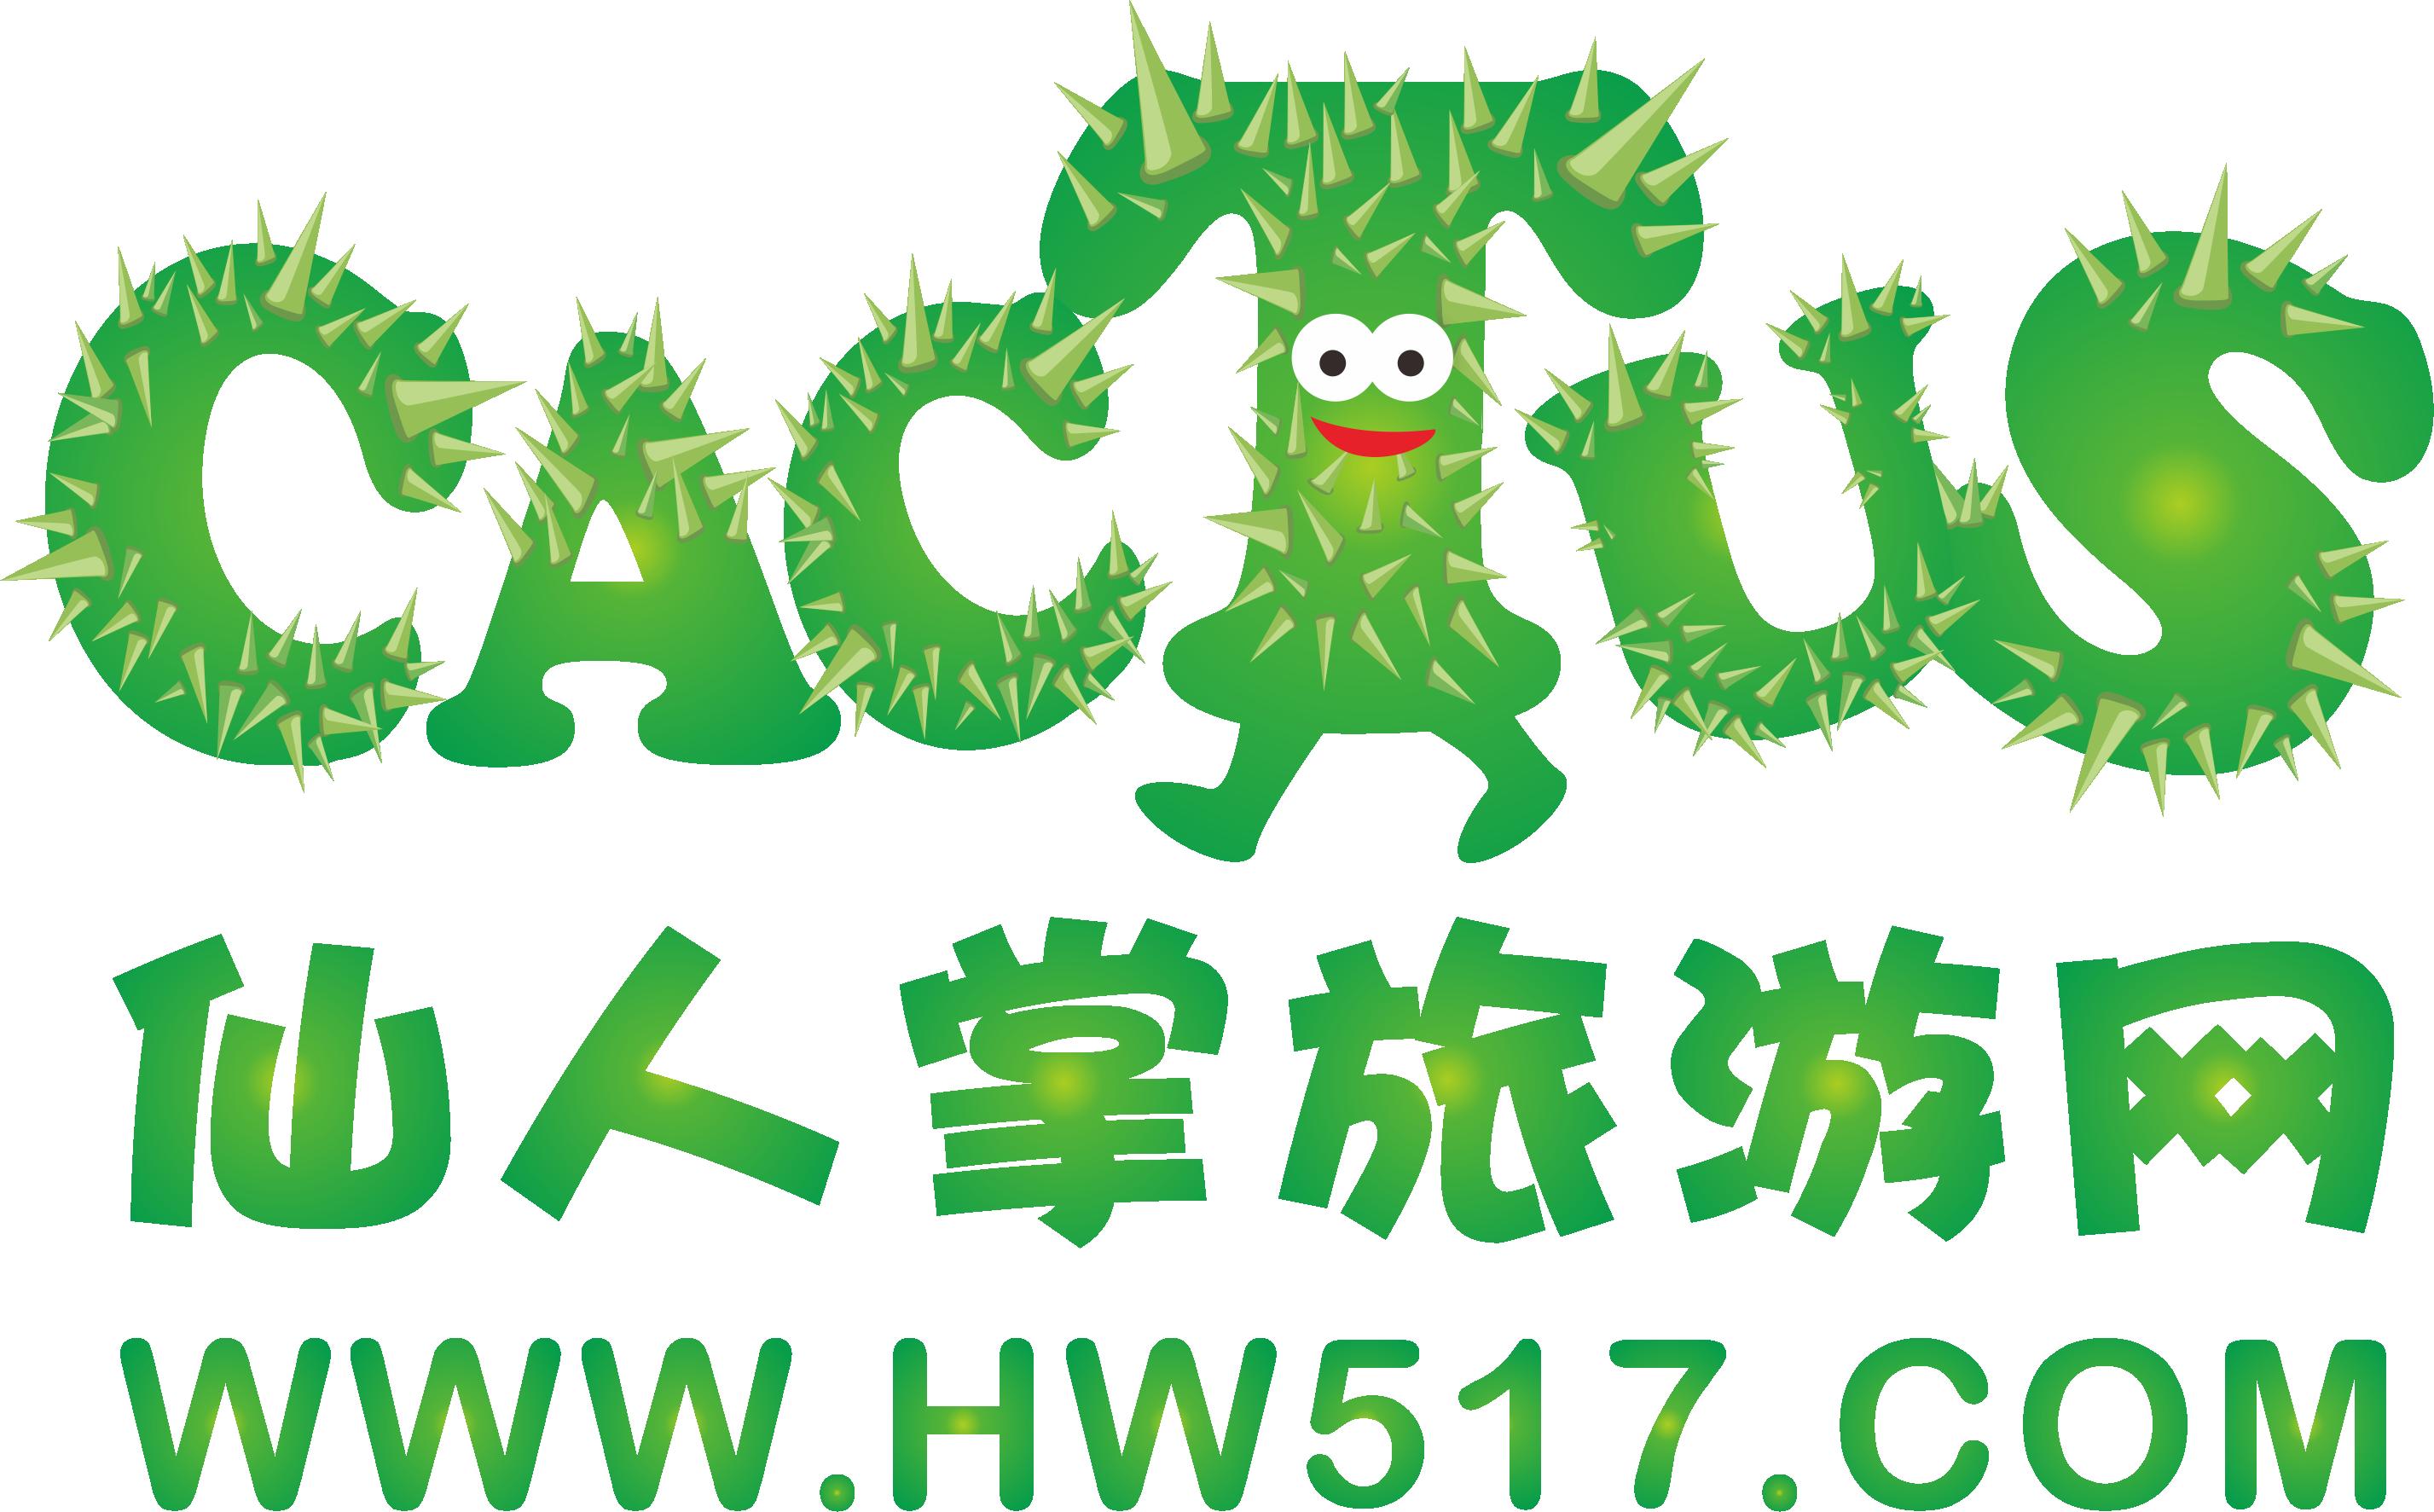 【仙人掌旅游】哈尔滨、中国雪乡、亚布力滑雪纯玩双飞六日游